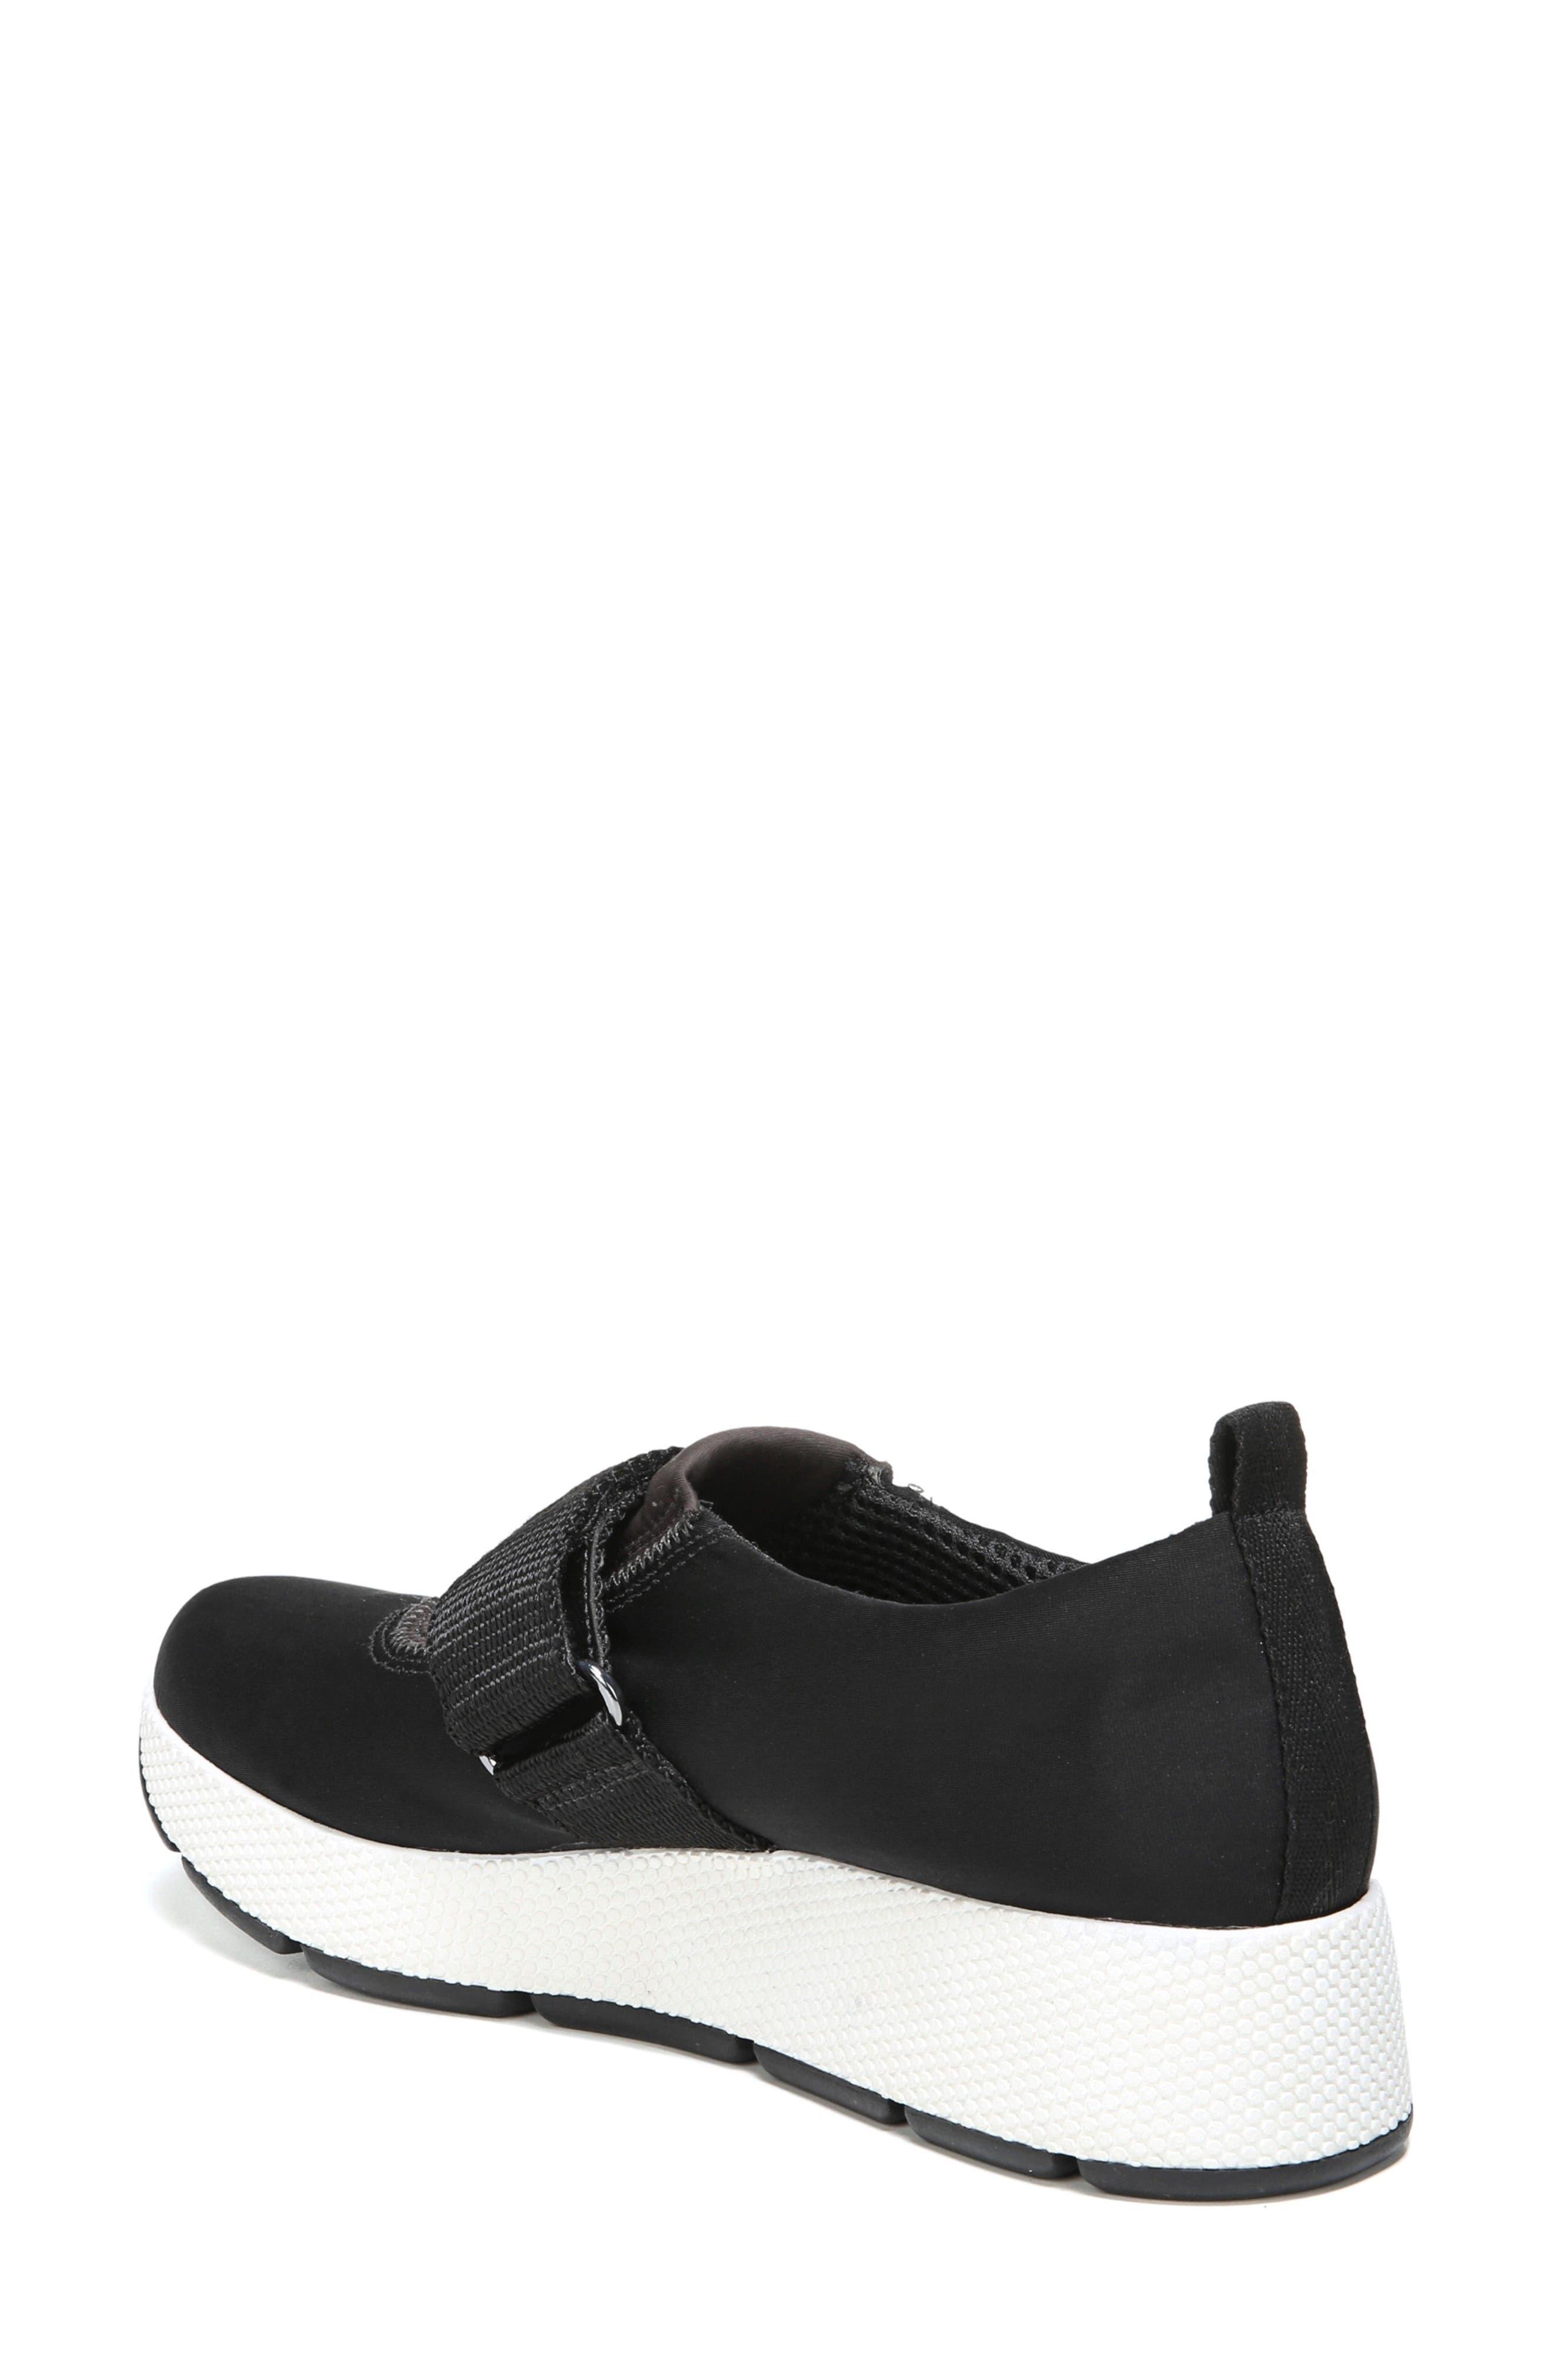 Odella Slip-On Sneaker,                             Alternate thumbnail 6, color,